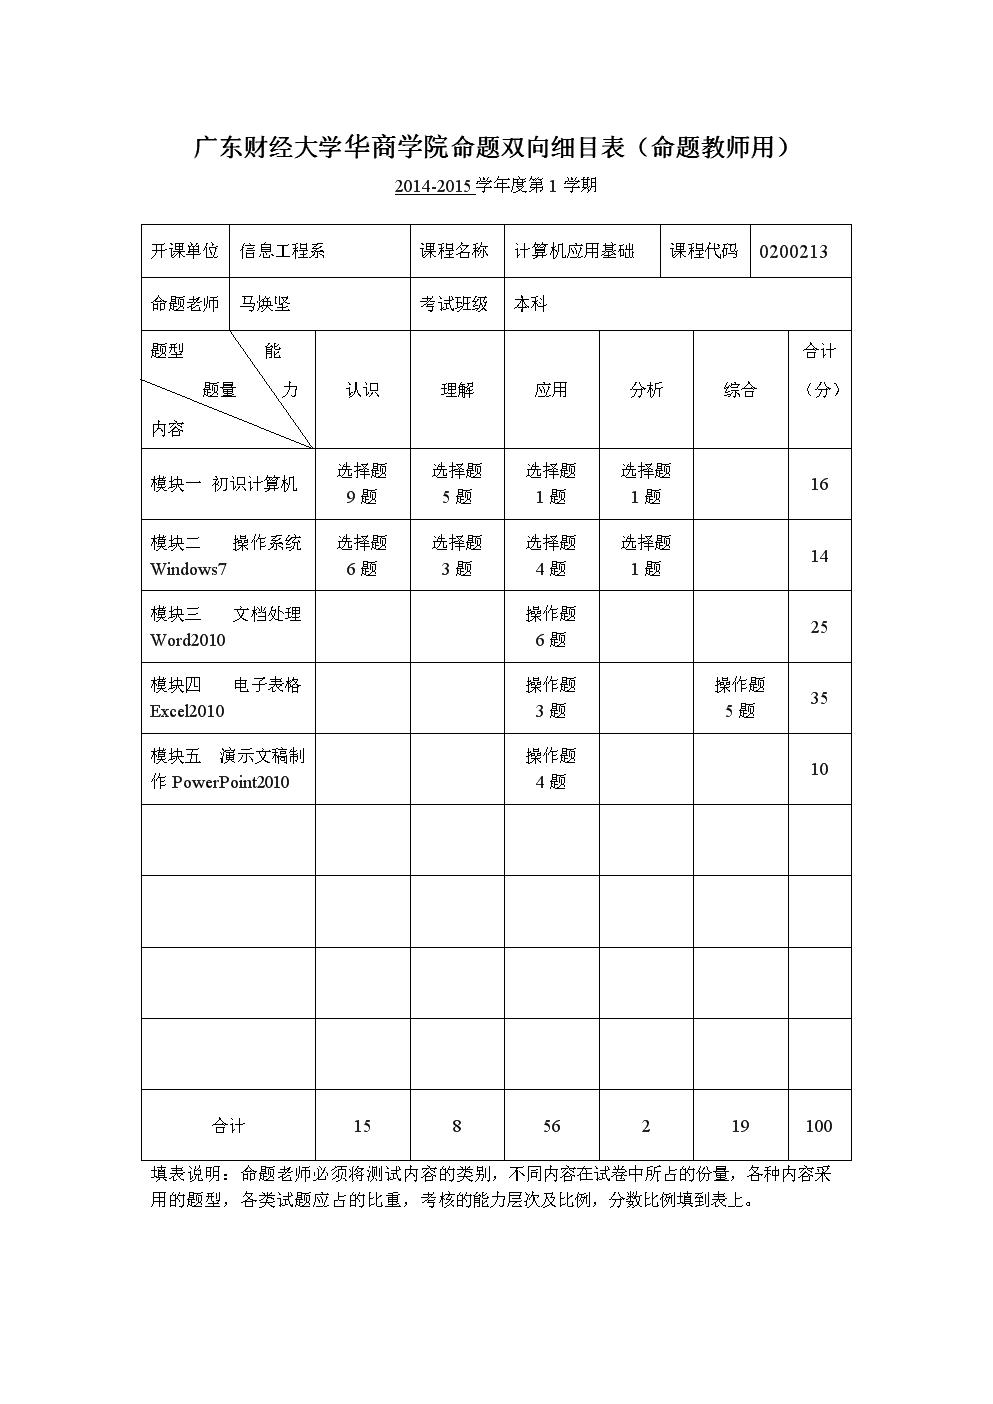 《計算機應用基礎》命題雙向細目表(命題教師用).doc